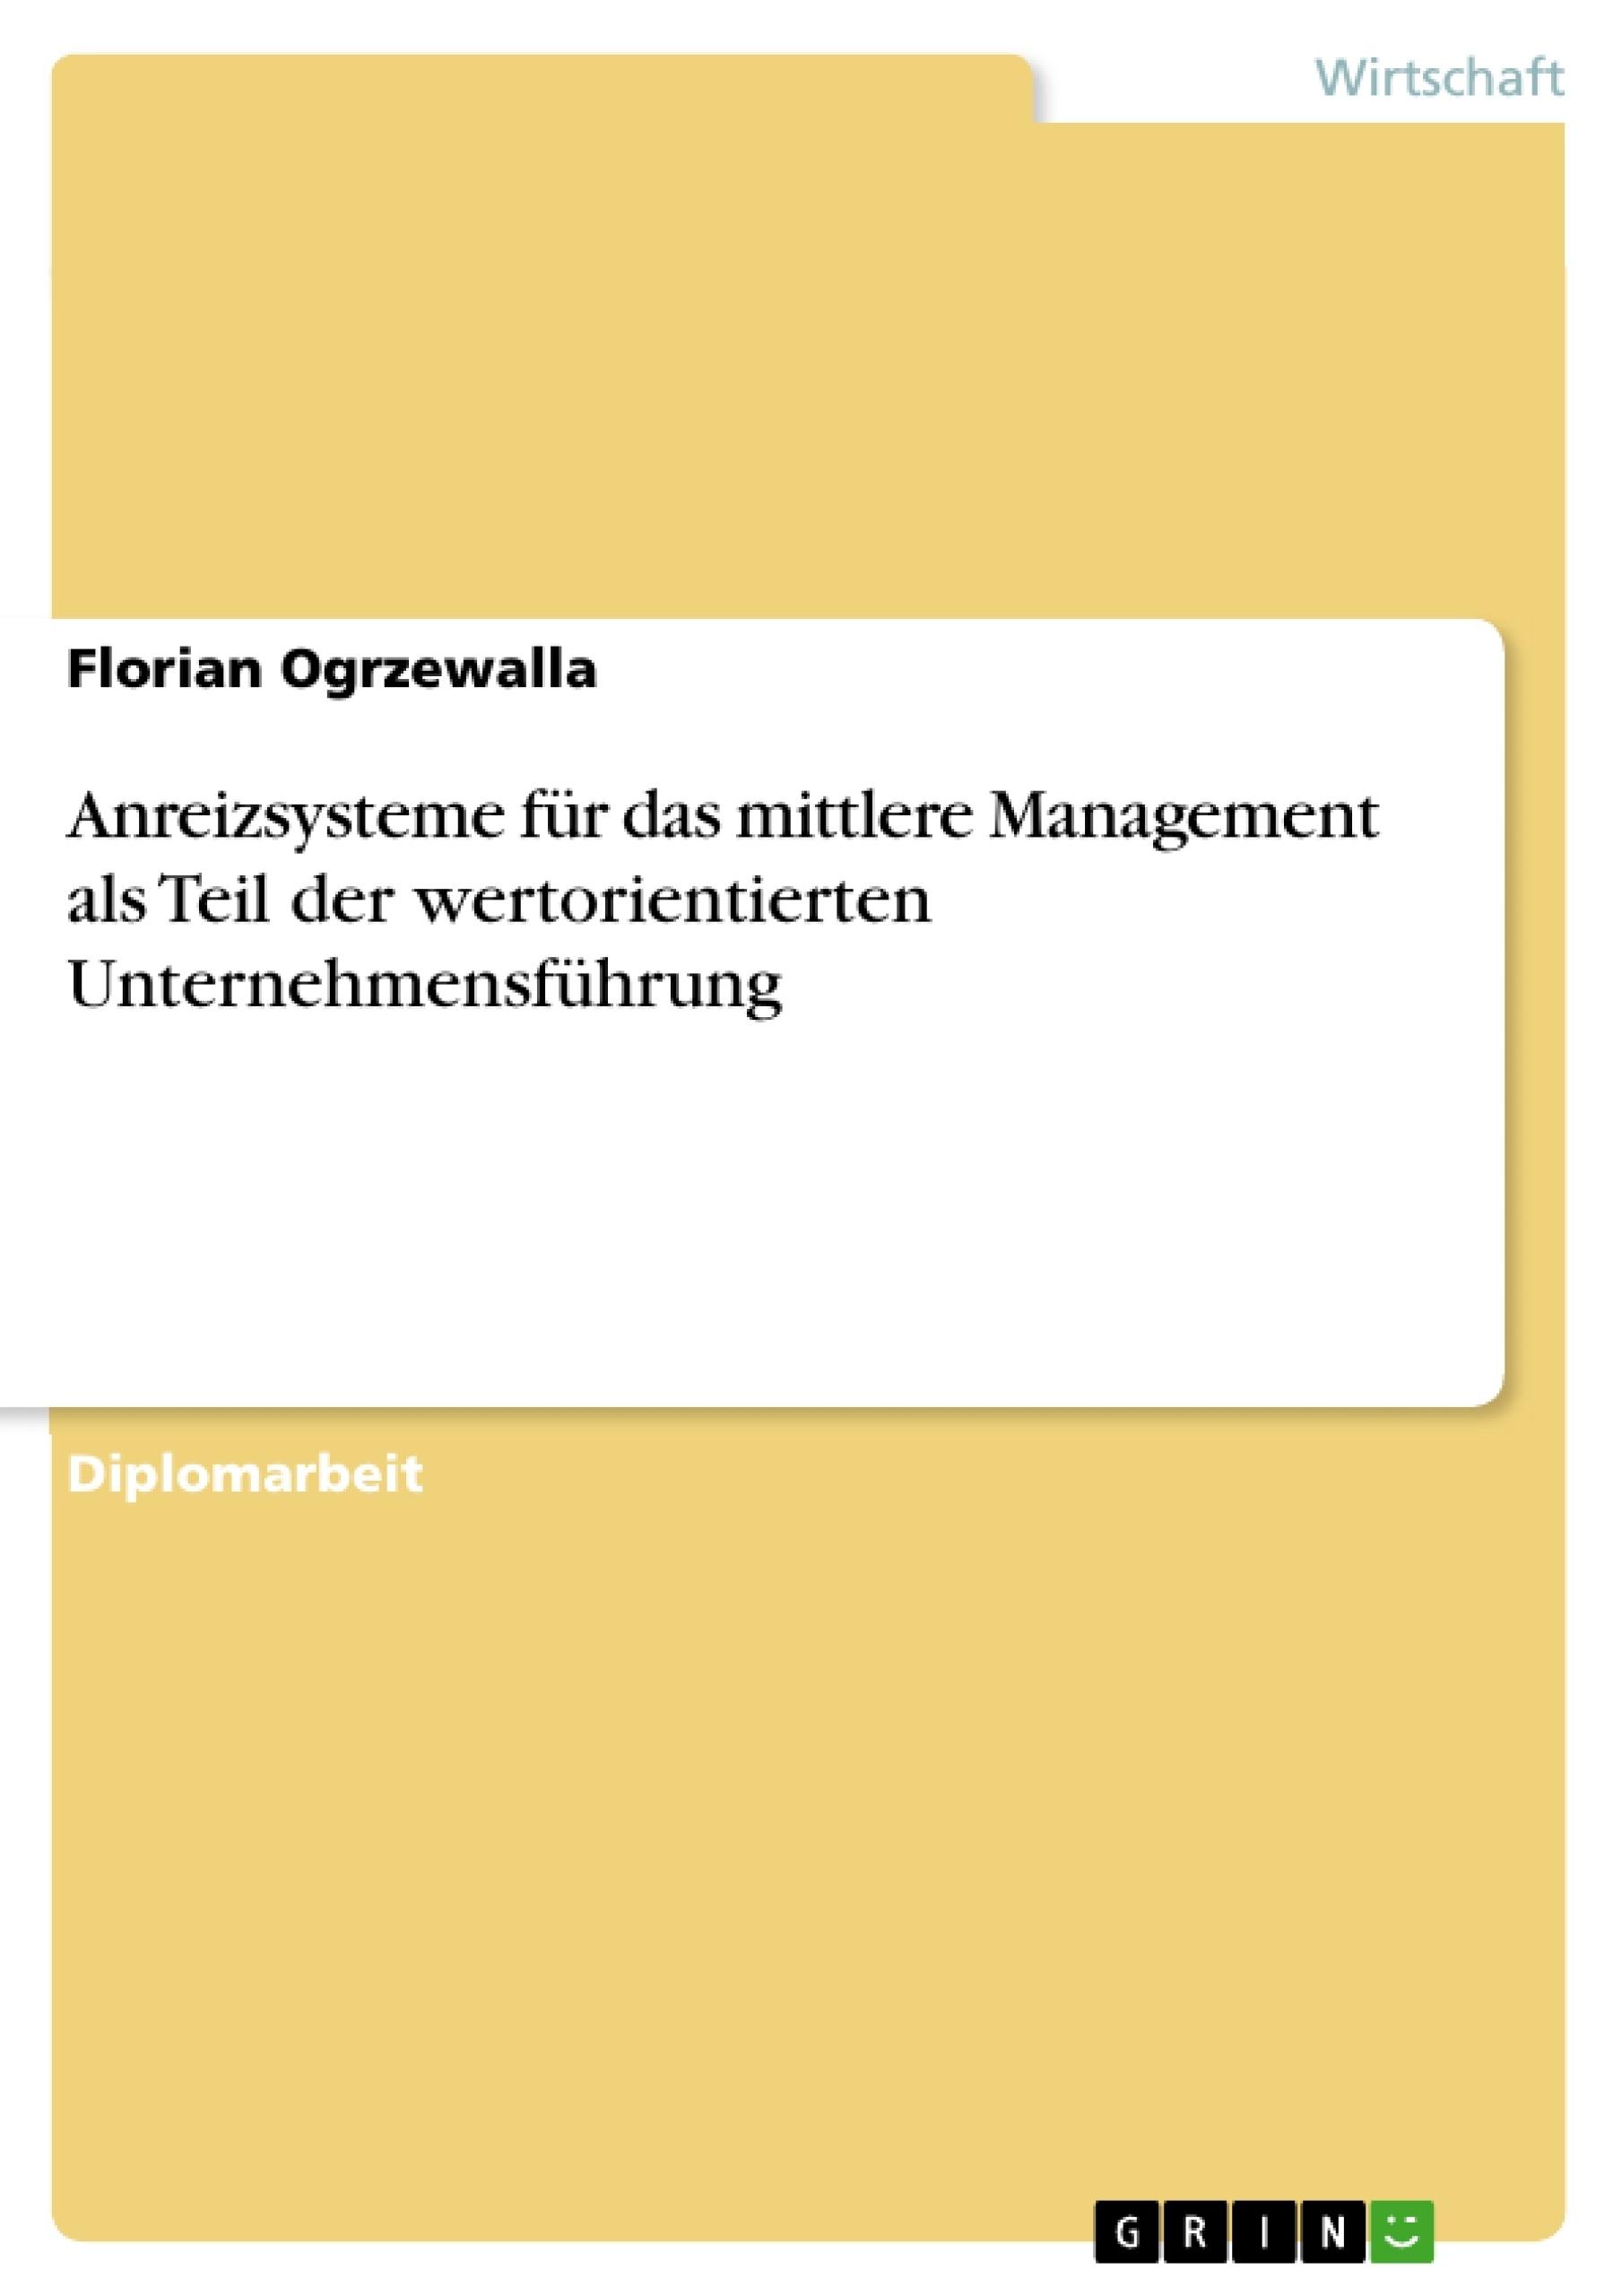 Titel: Anreizsysteme für das mittlere Management als Teil der wertorientierten Unternehmensführung